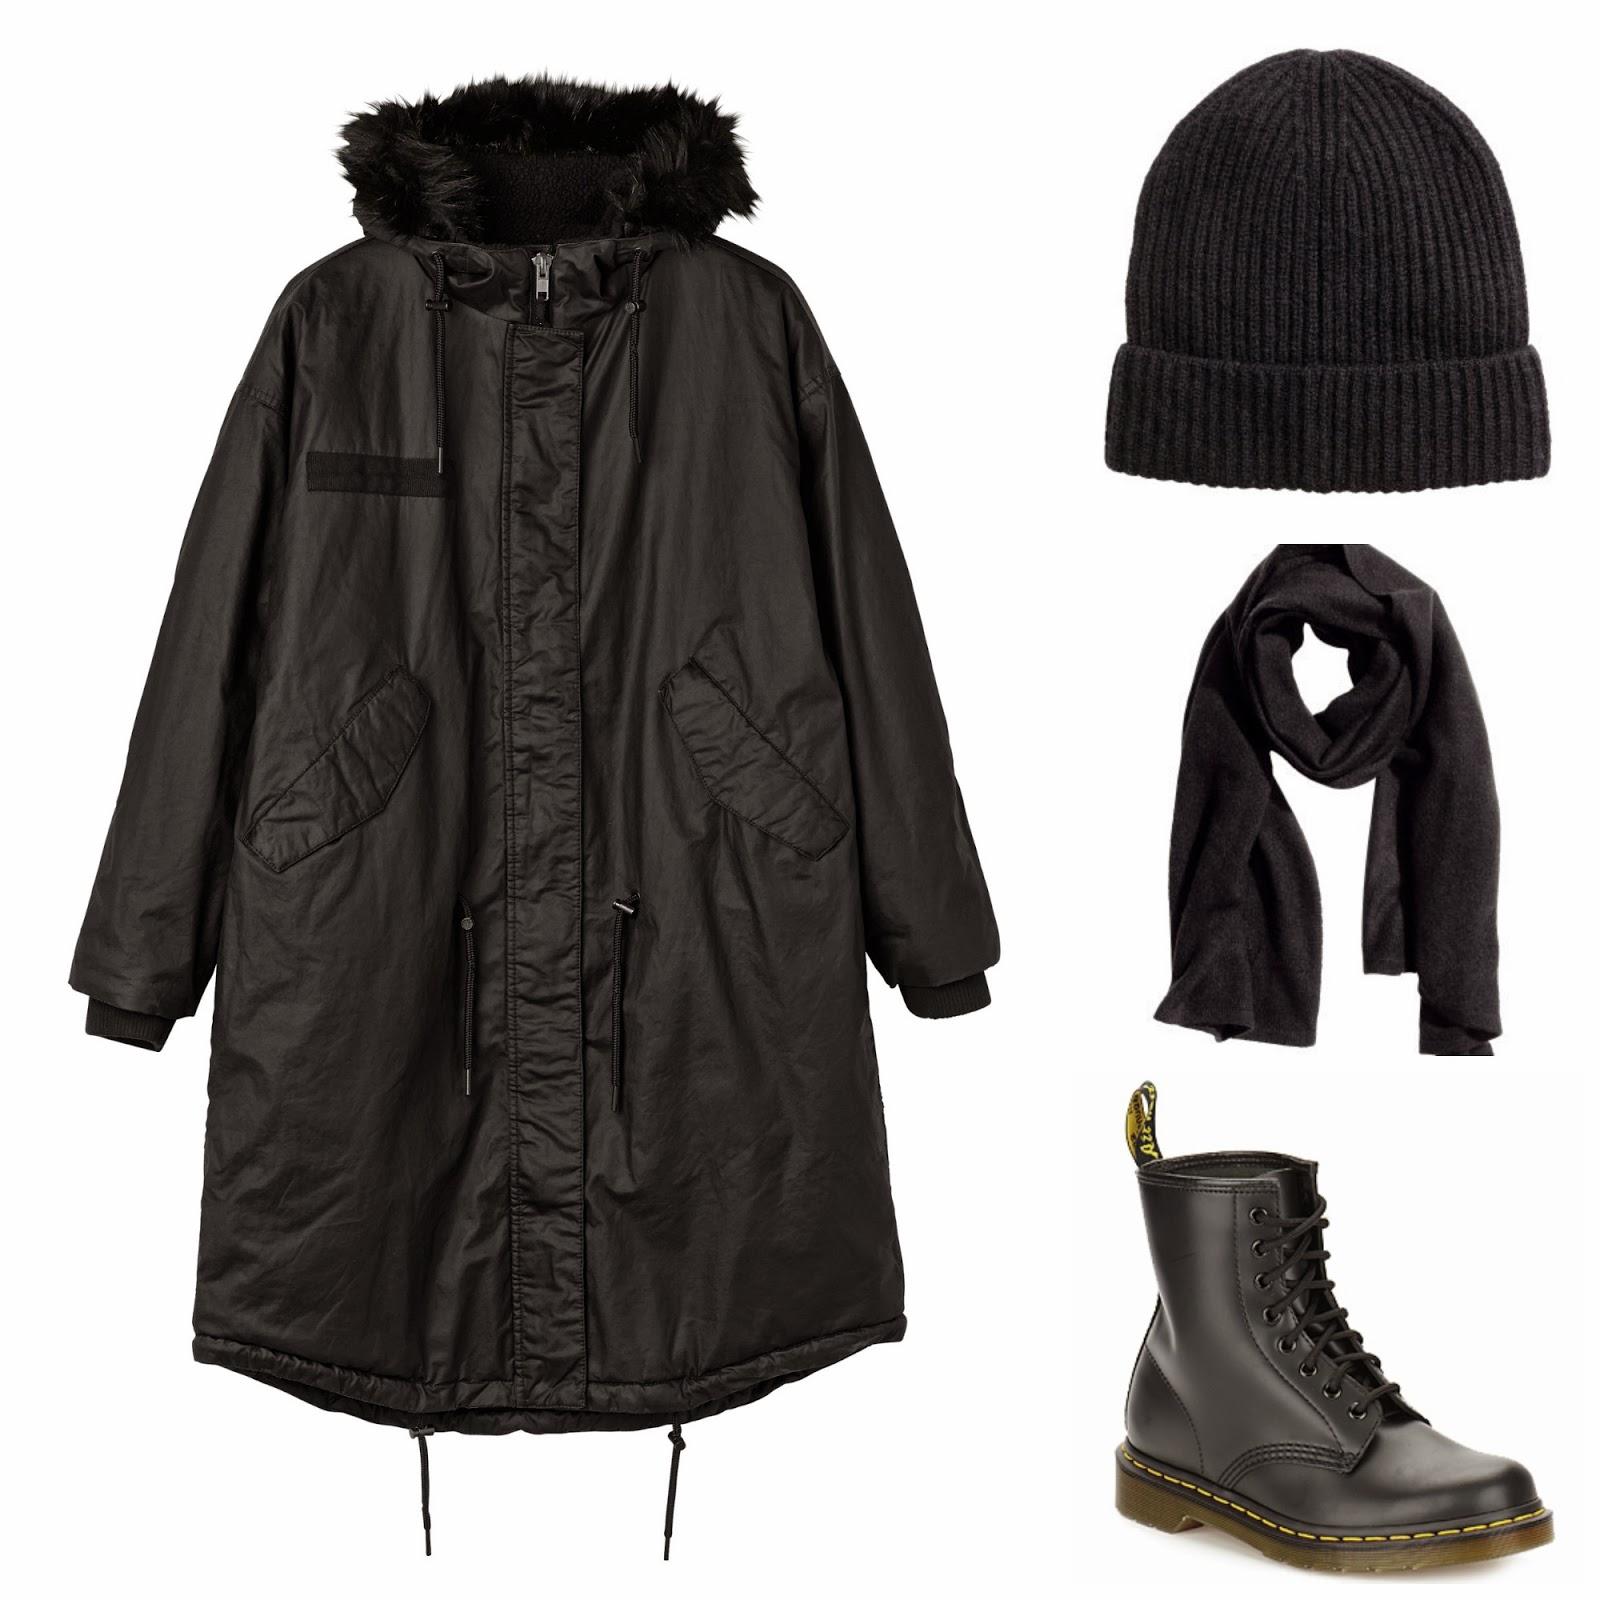 Mollie jacket, Monki jacket, monkistyle, monki coat, monki jacka, kashmir mössa, kashmir duk, monki parka, monki vinterjacka, HM premium quality collection